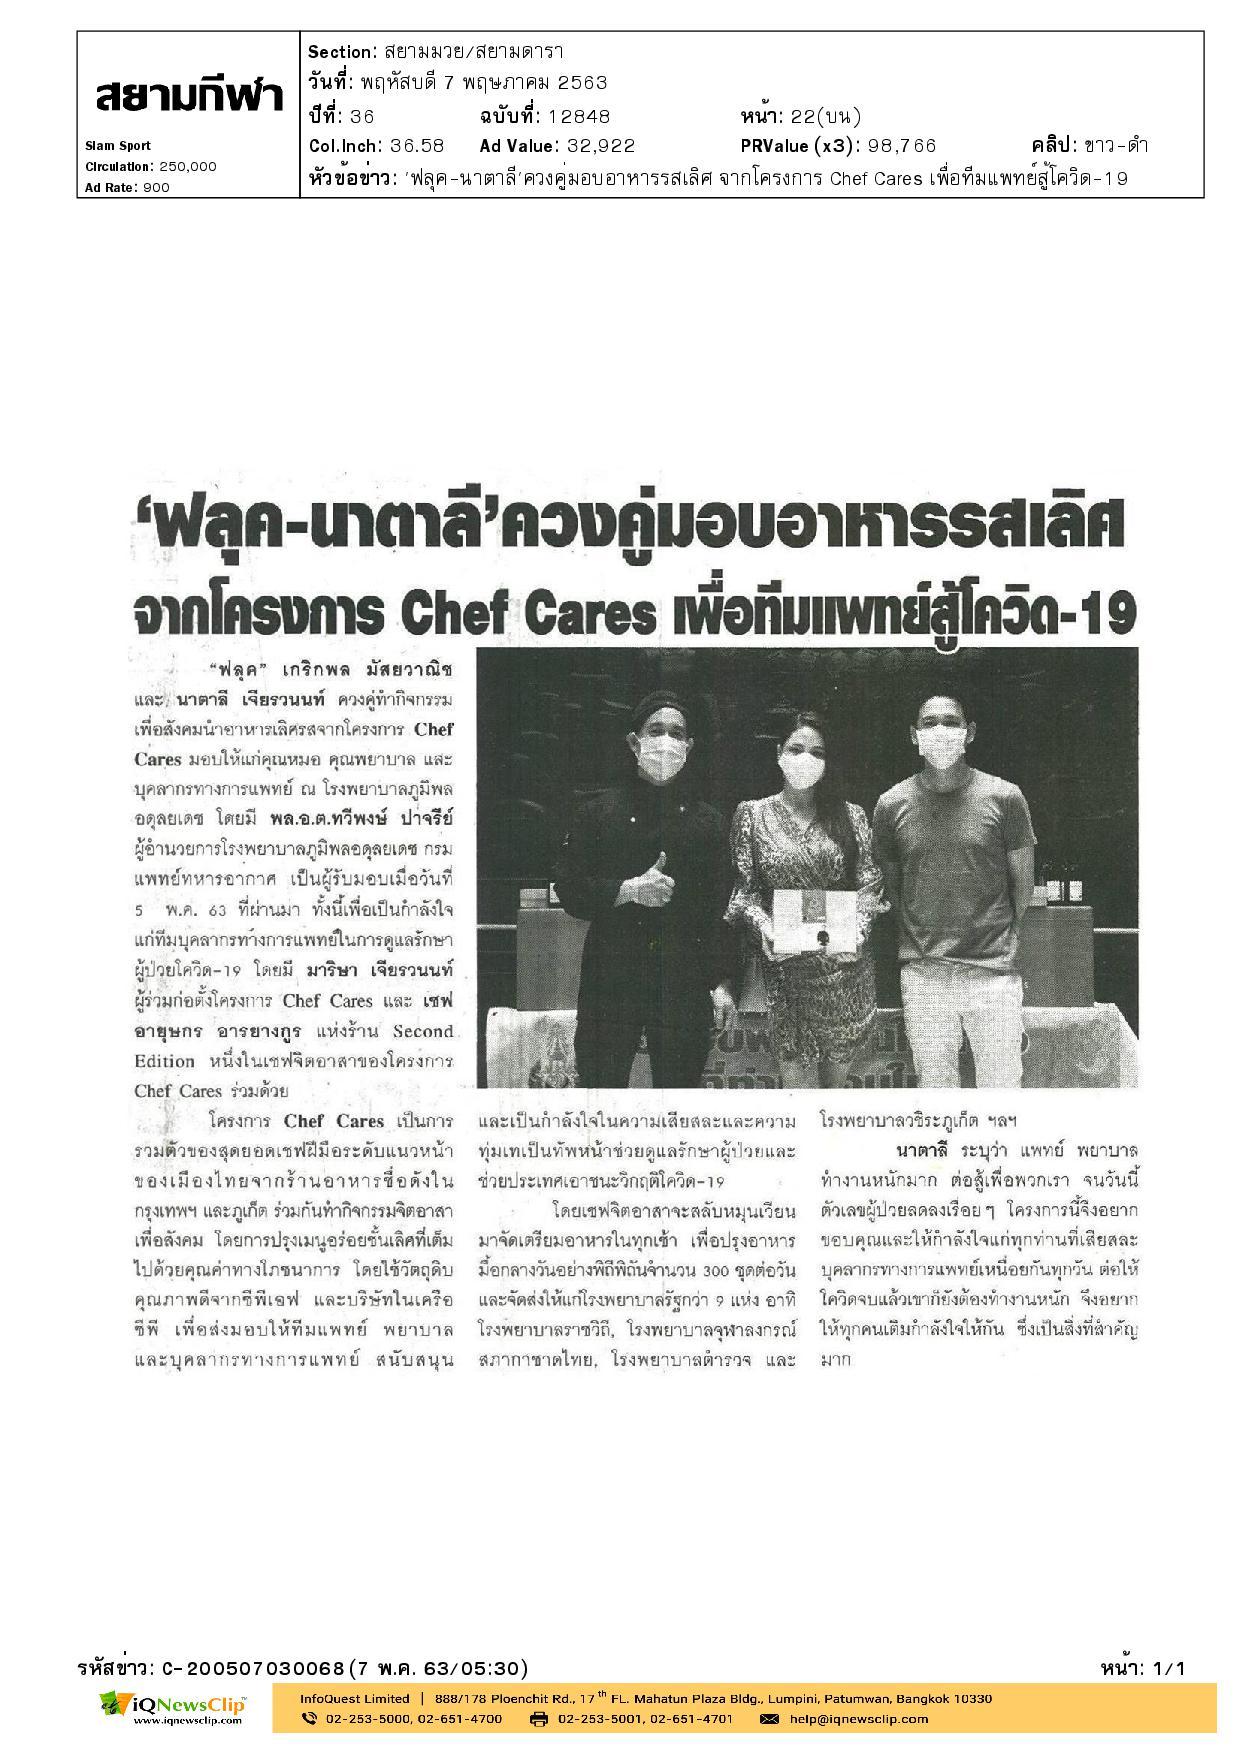 โครงการ Chef Cares เพื่อทีมแพทย์สู้โควิด-19